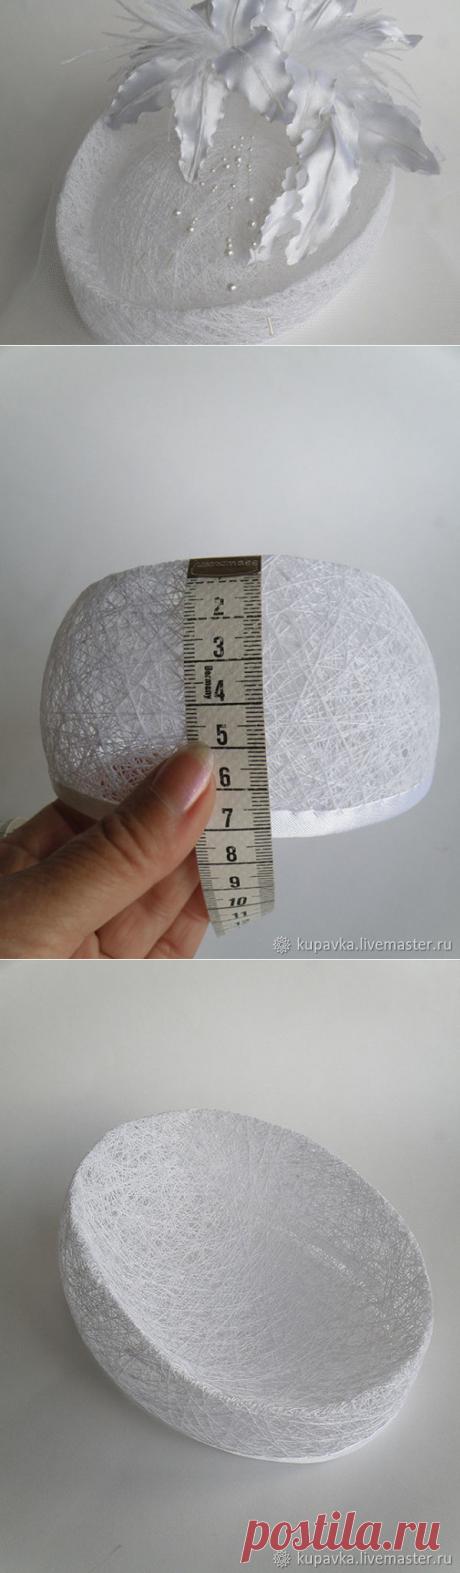 Мастер-класс : Создаем шляпку из ниток   Журнал Ярмарки Мастеров